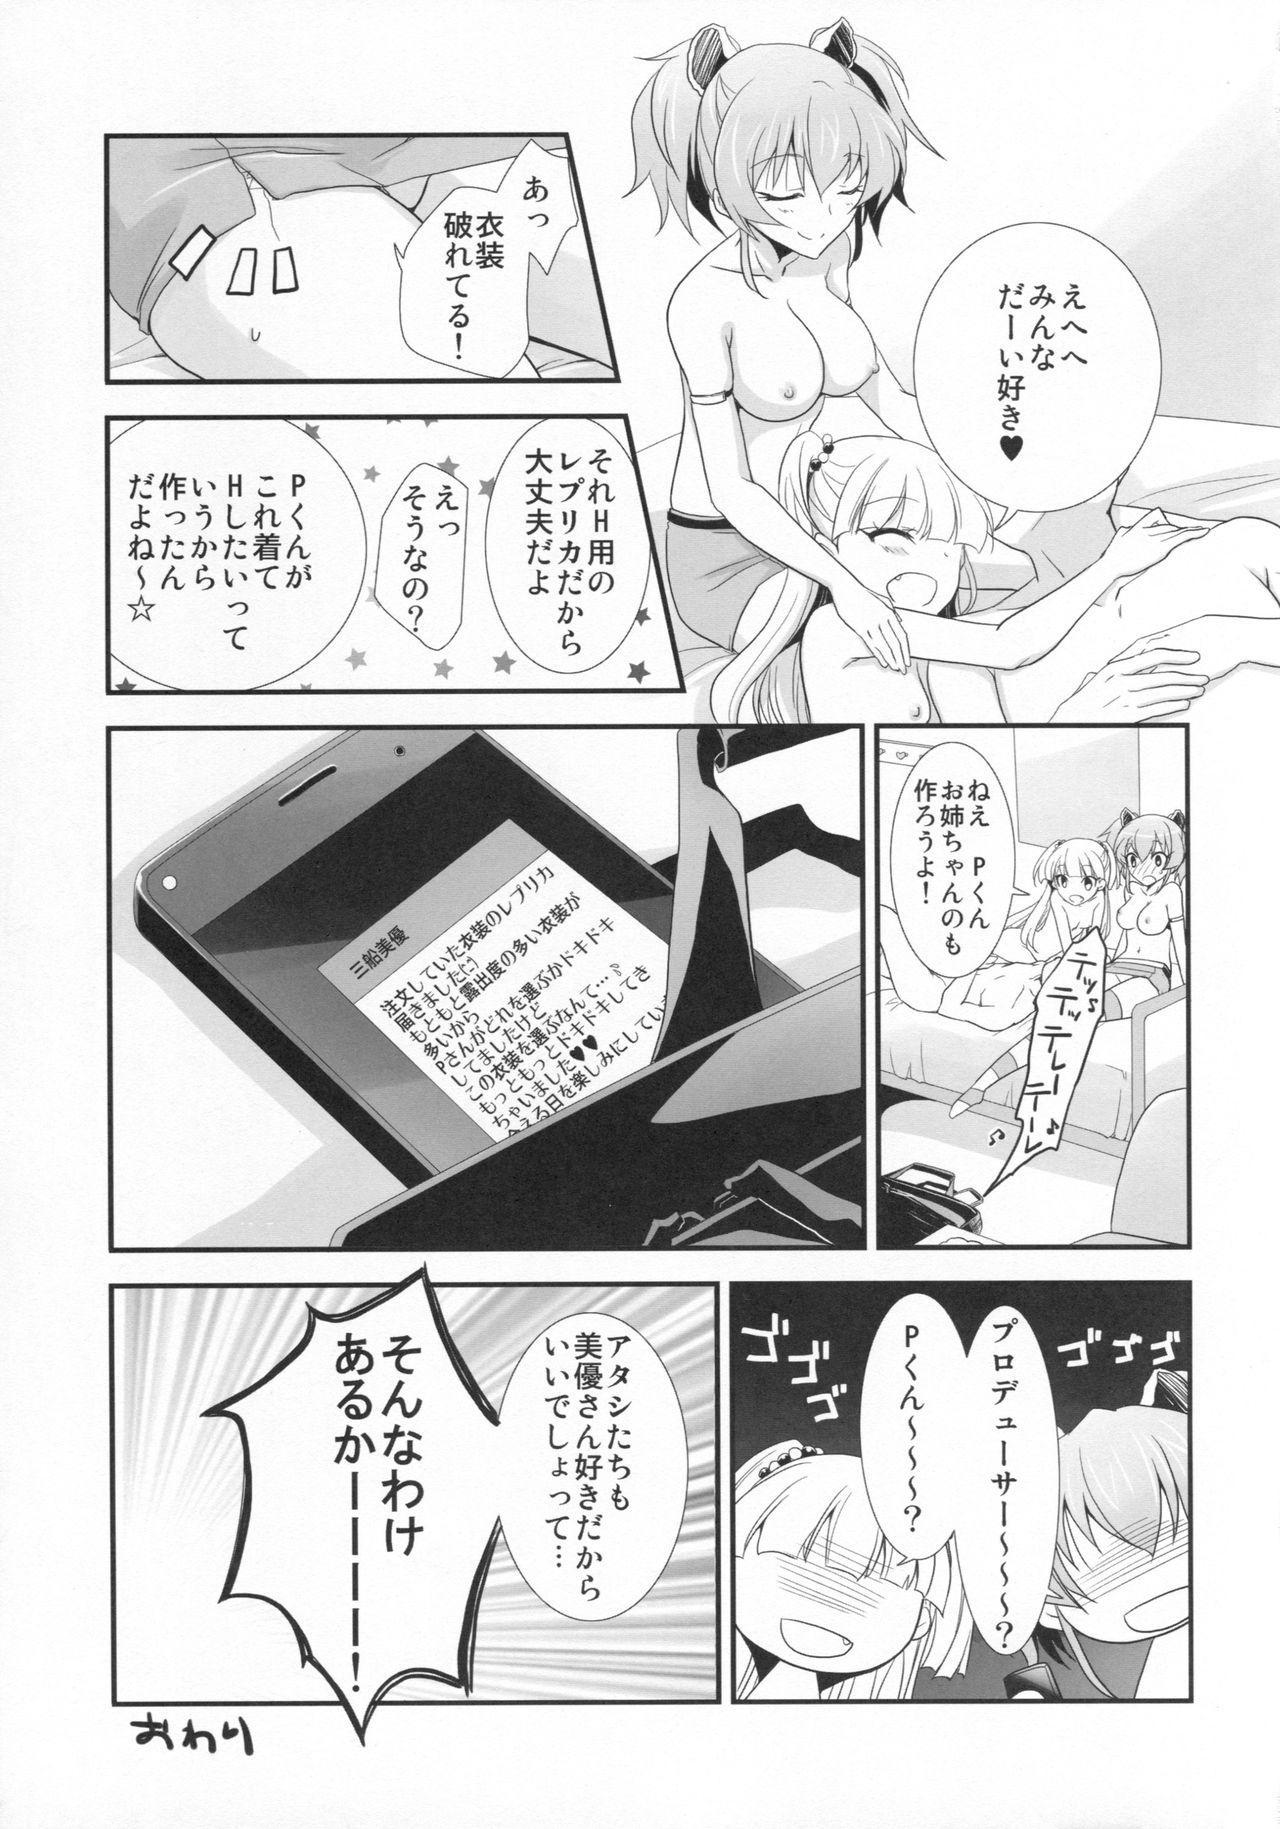 Atashi×P×Imouto 27